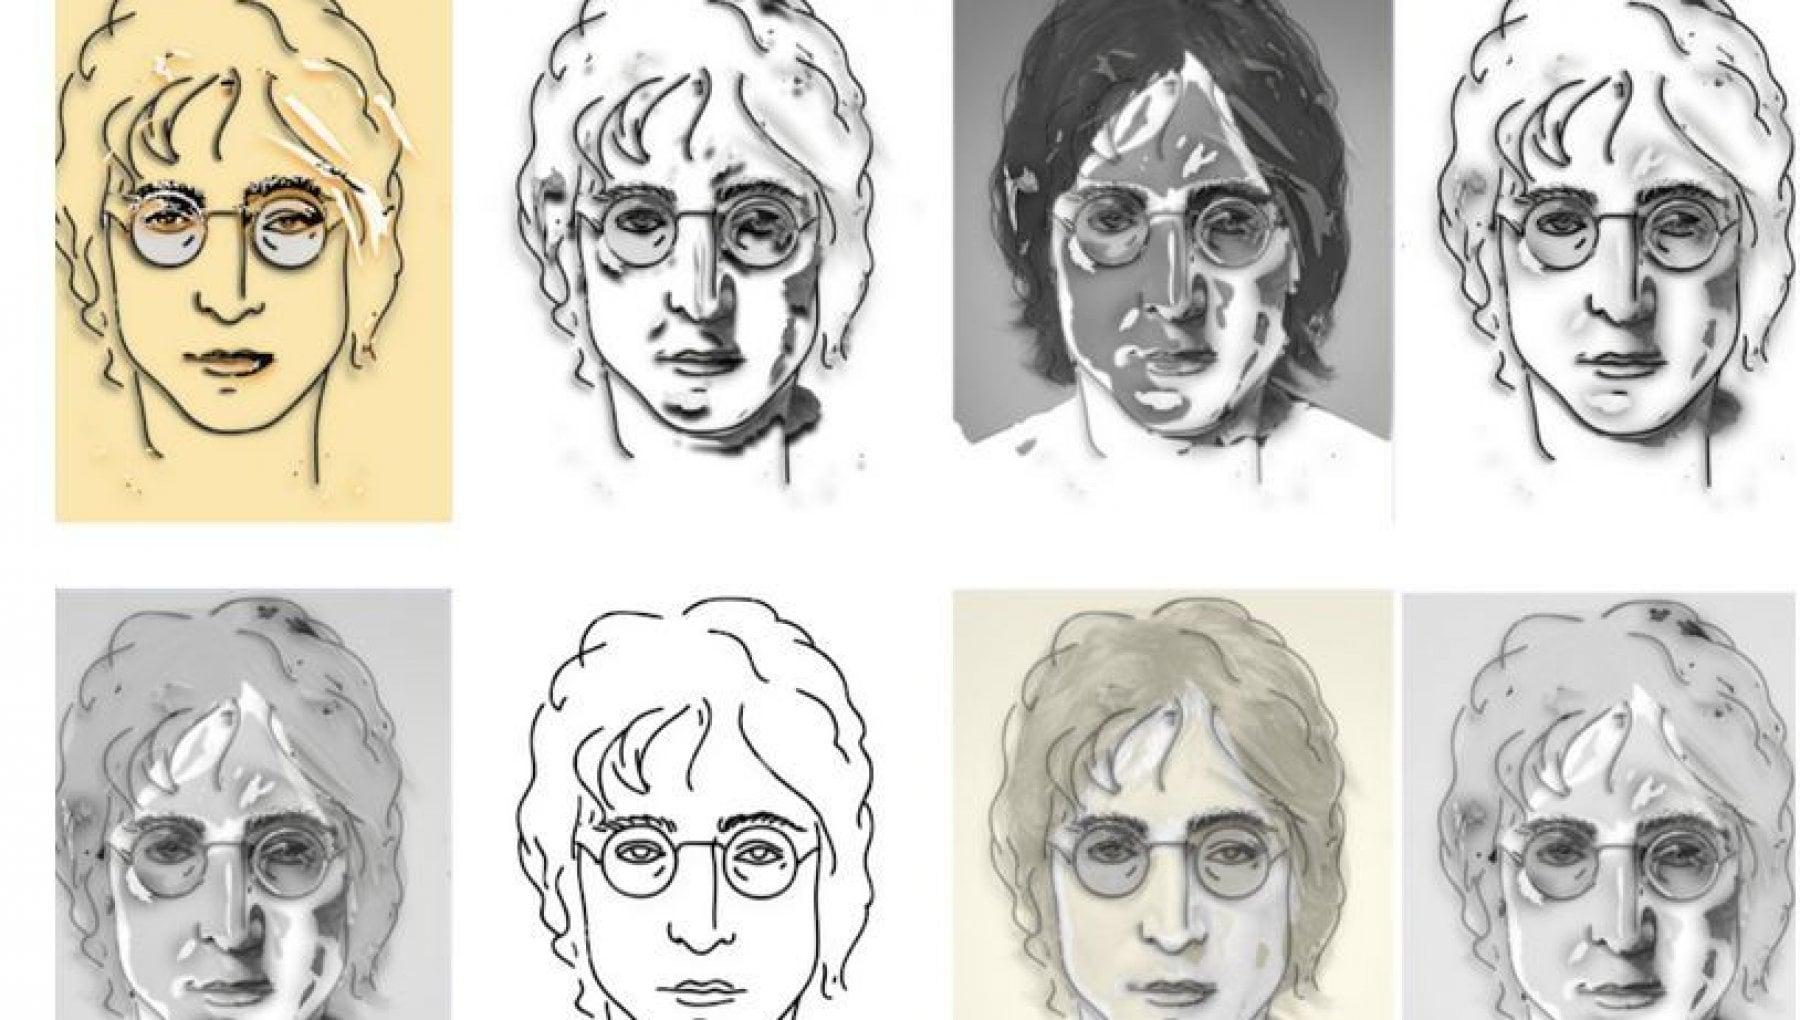 John Lennon la morte 40 anni fa 40 artisti per Imagine cosi larte sostiene larte